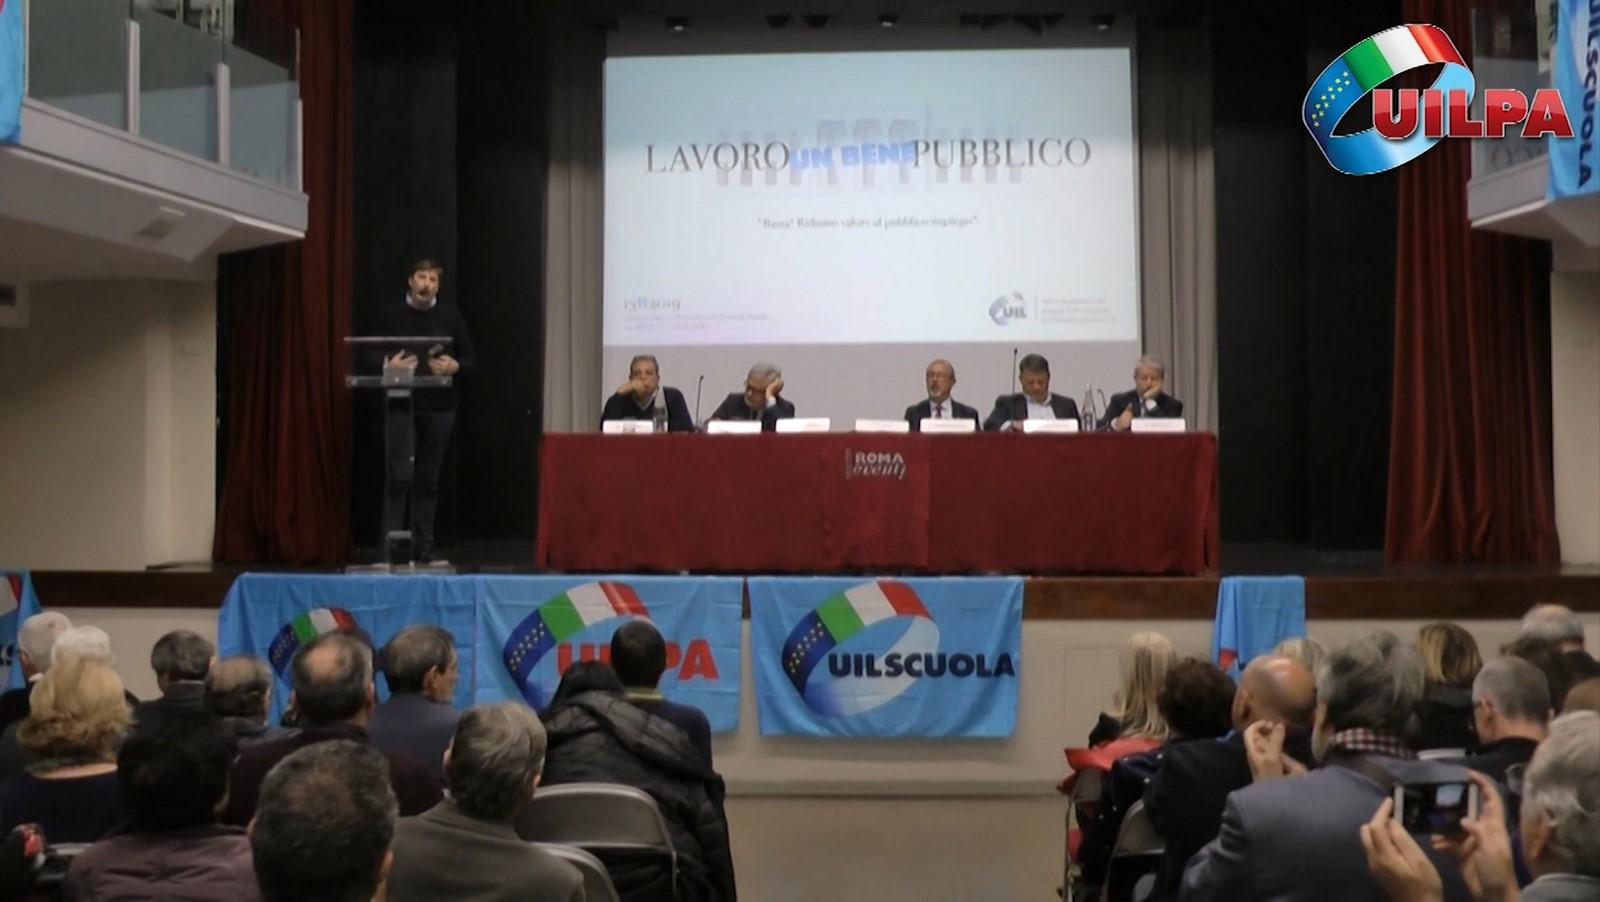 VIDEO   A Roma l'Attivo delle categorie UIL del Pubblico Impiego: il servizio UILPA